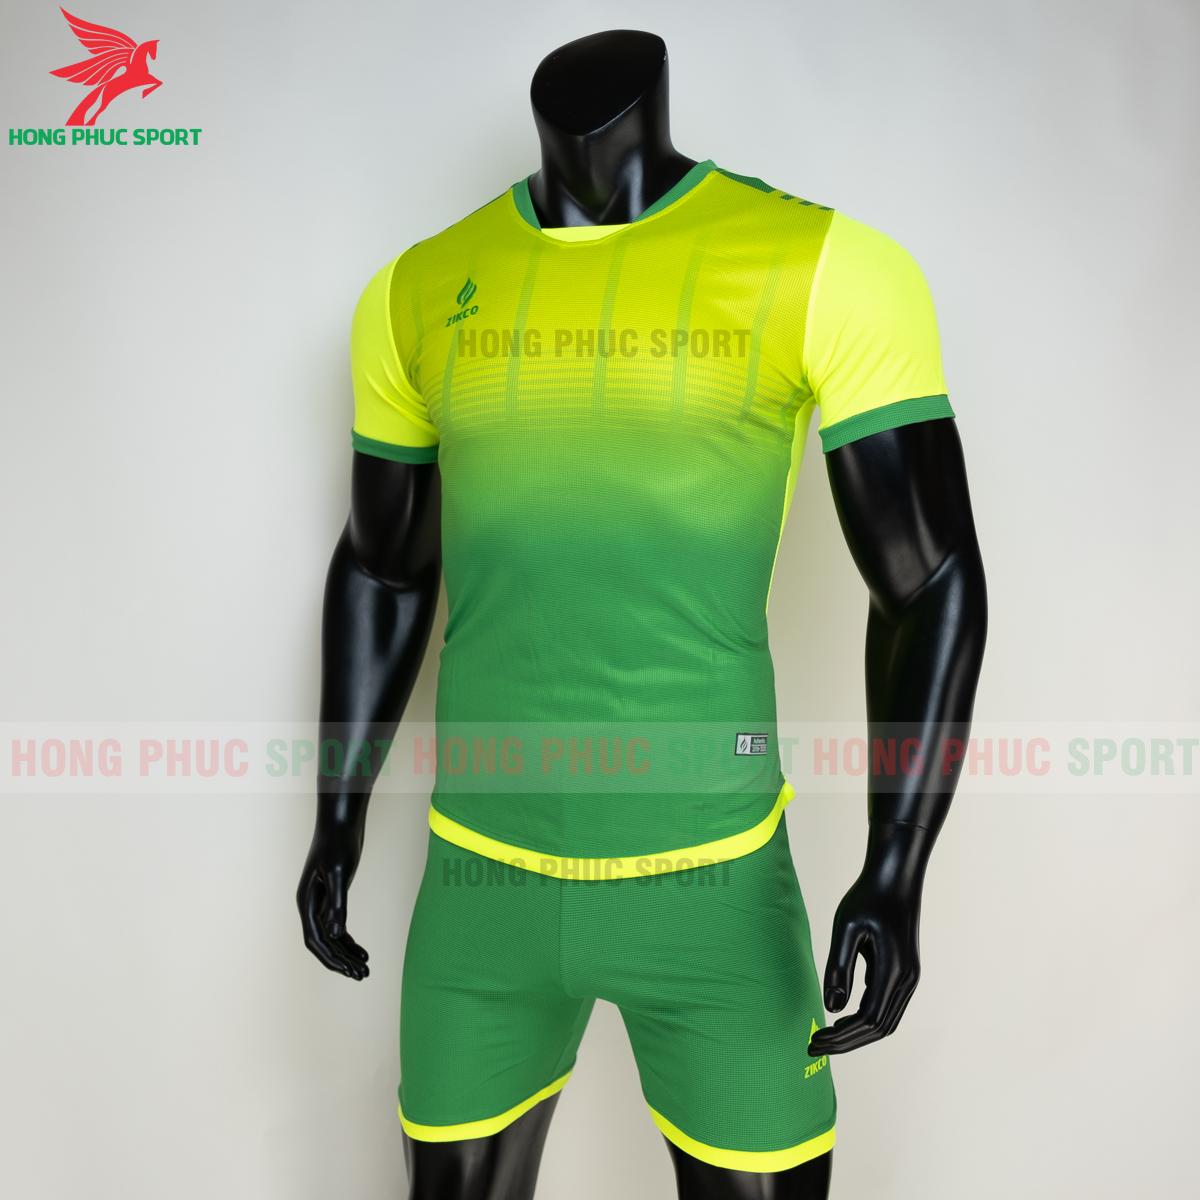 https://cdn.hongphucsport.com/unsafe/s4.shopbay.vn/files/285/ao-bong-da-khong-logo-zikco-z01-mau-xanh-chuoi-4-6050267a7233d.png